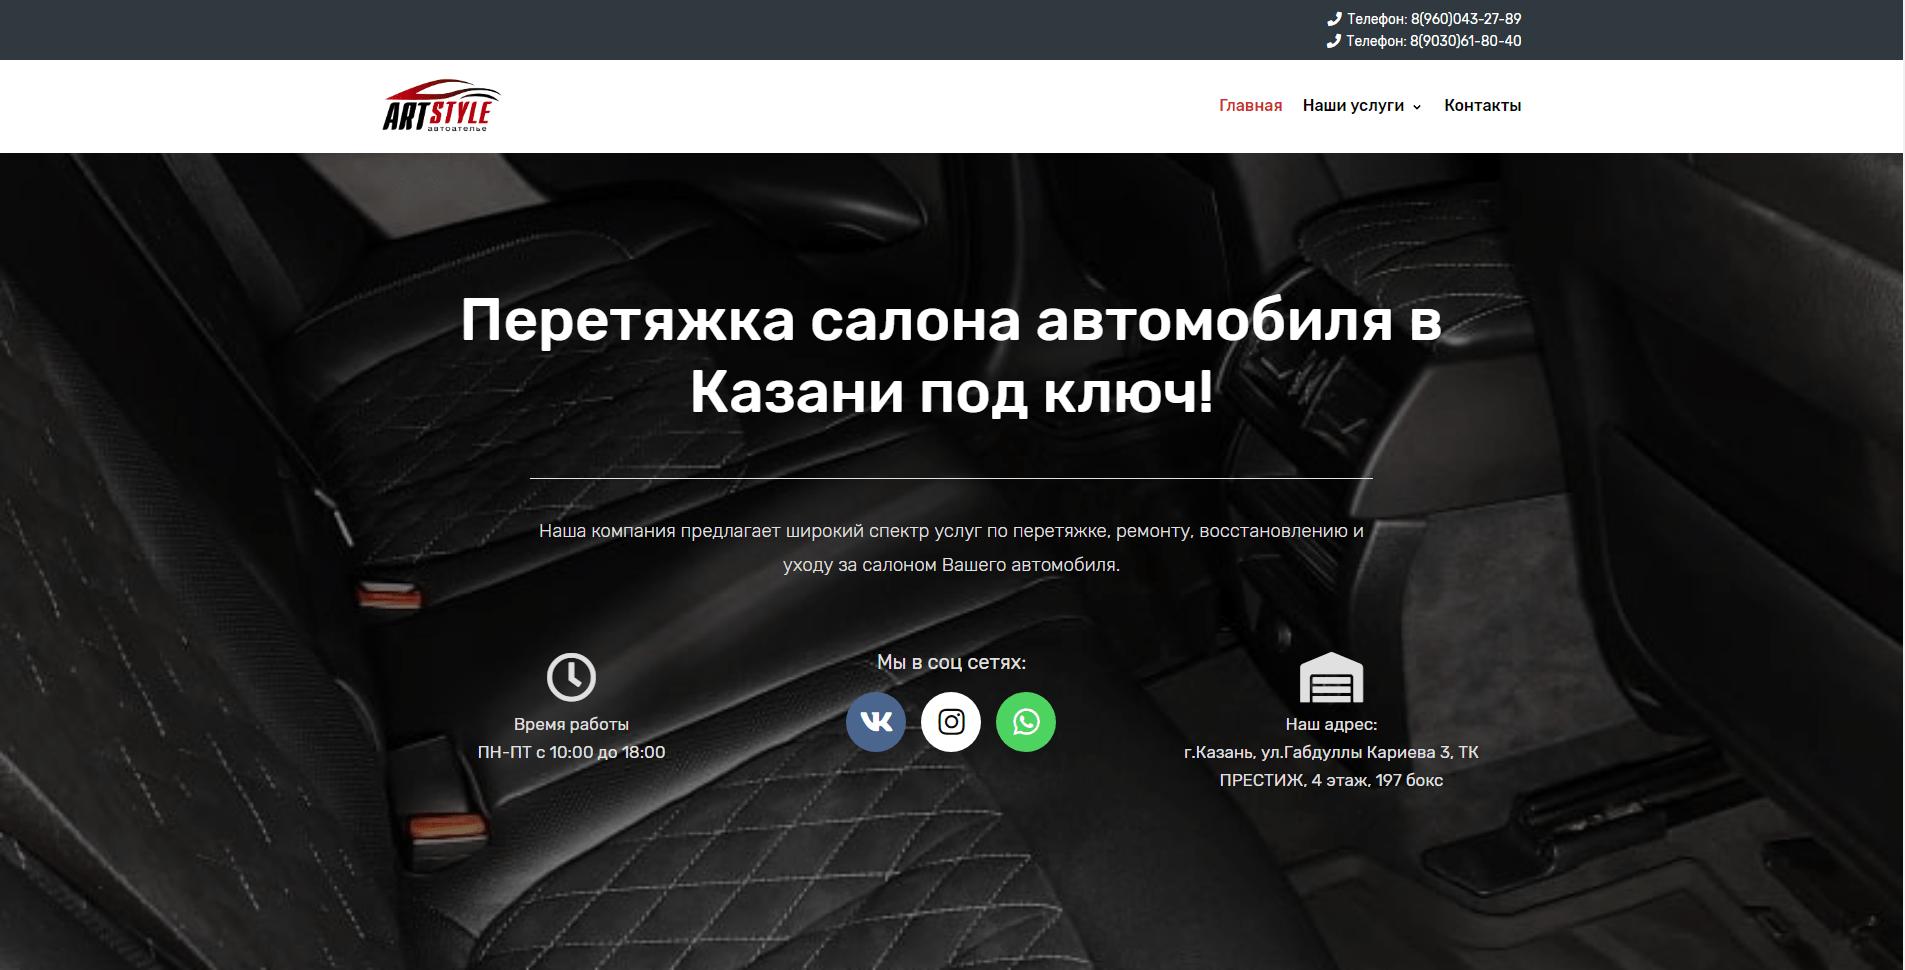 Сайт в топ 10 за 3 месяца в тематике Автоателье